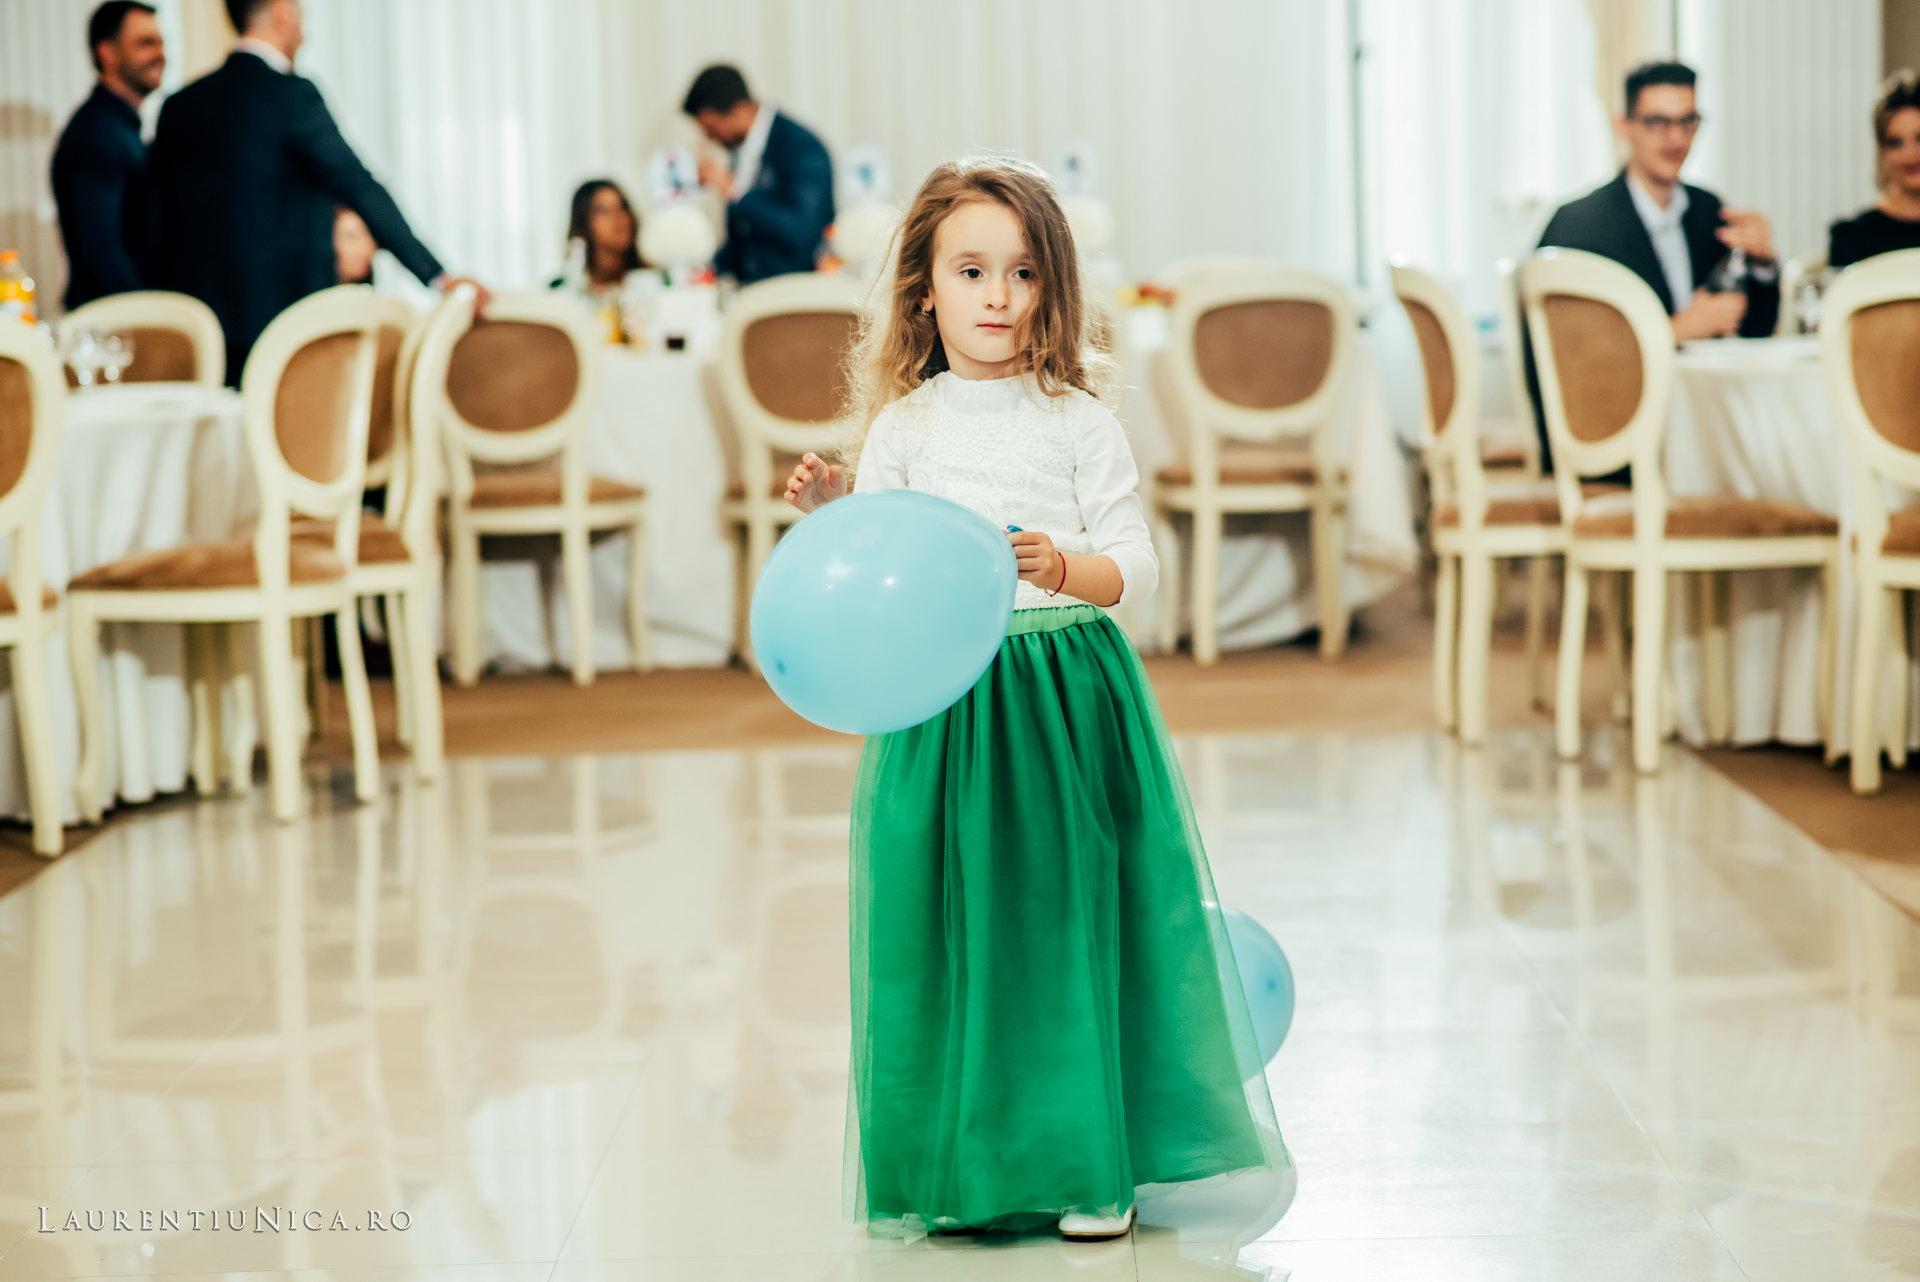 fotografii botez alexis aurelian foto laurentiu nica craiova 30 - Alexis Aurelian | Fotografii botez | Craiova